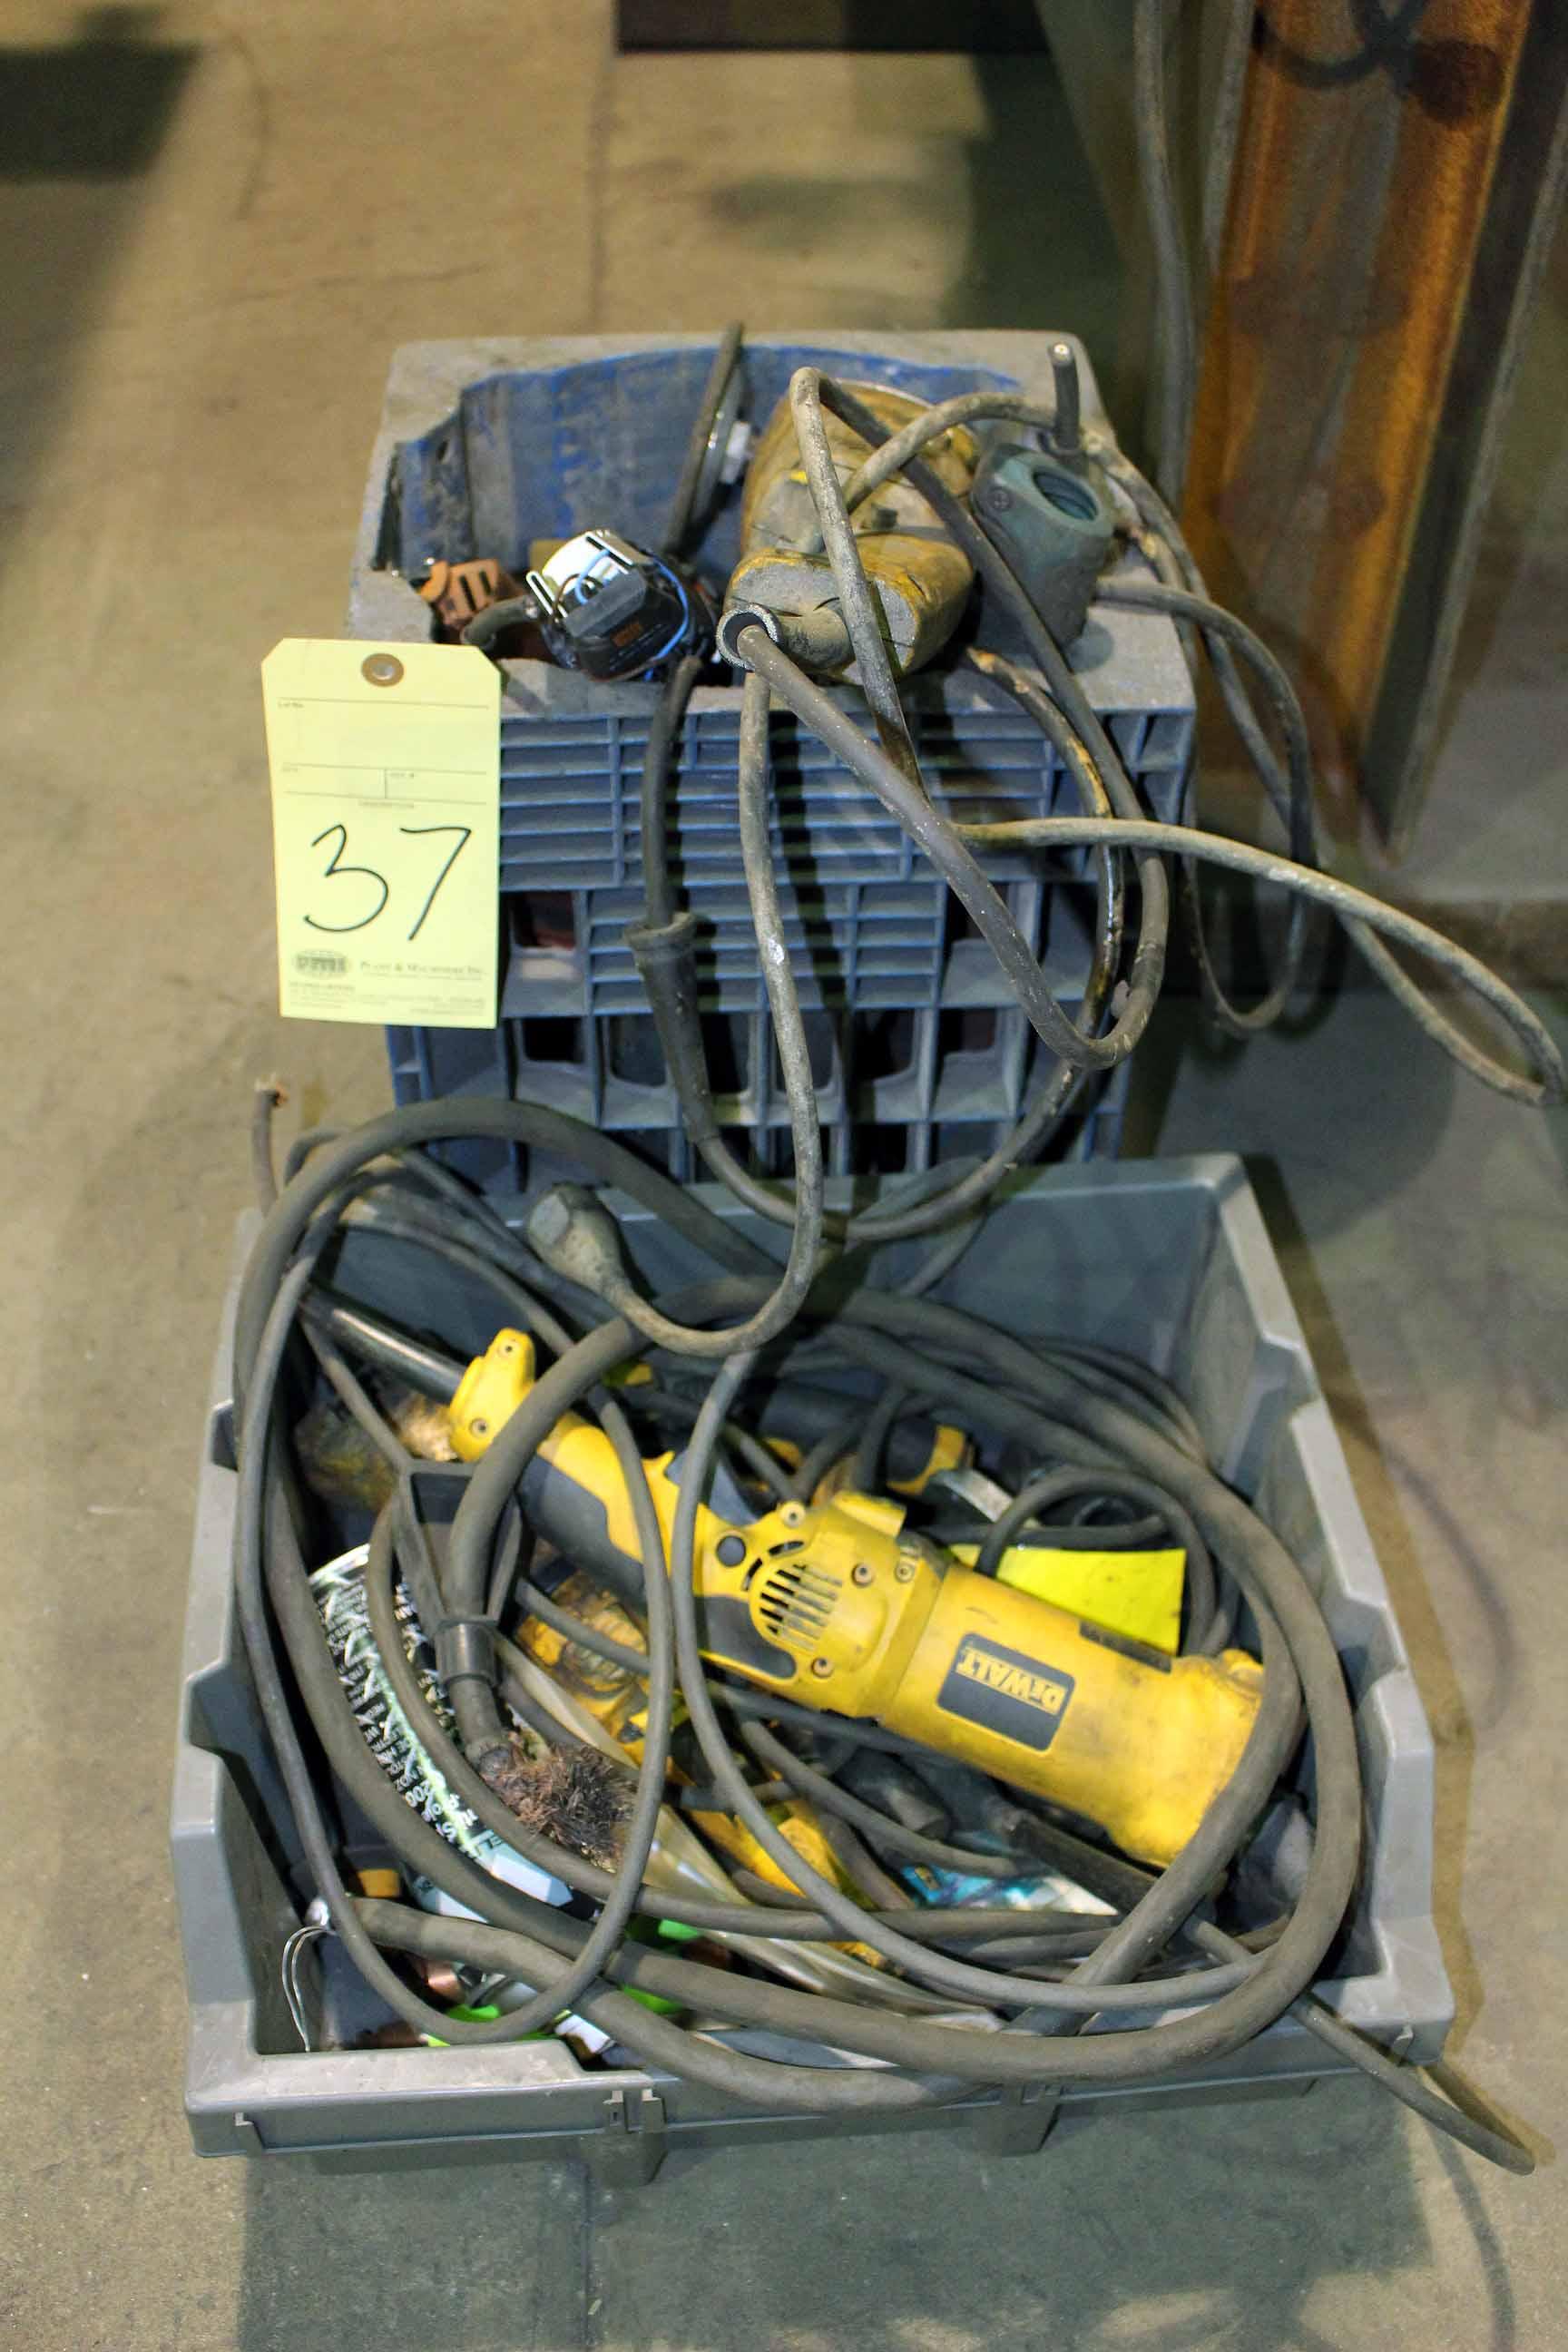 Lot 37 - LOT OF ELECTRIC GRINDERS, broken